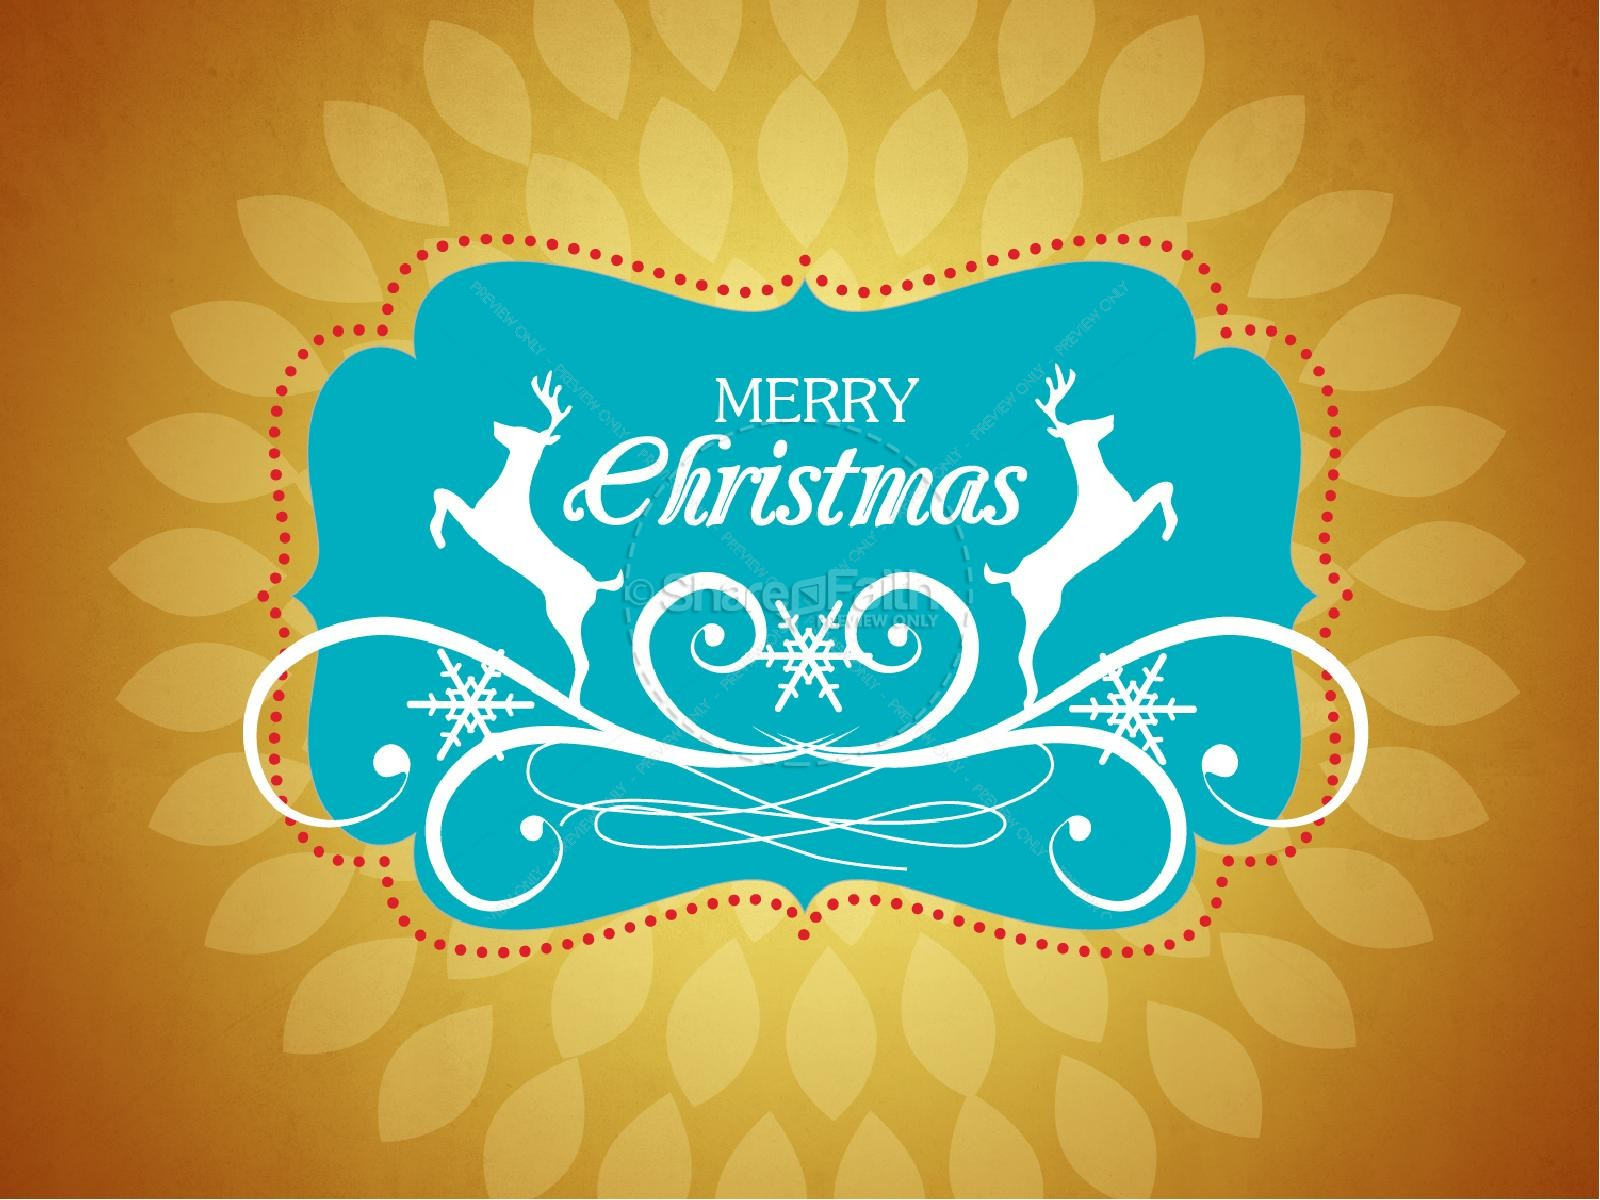 Merry christmas season powerpoint template christmas powerpoints merry christmas season powerpoint template toneelgroepblik Gallery